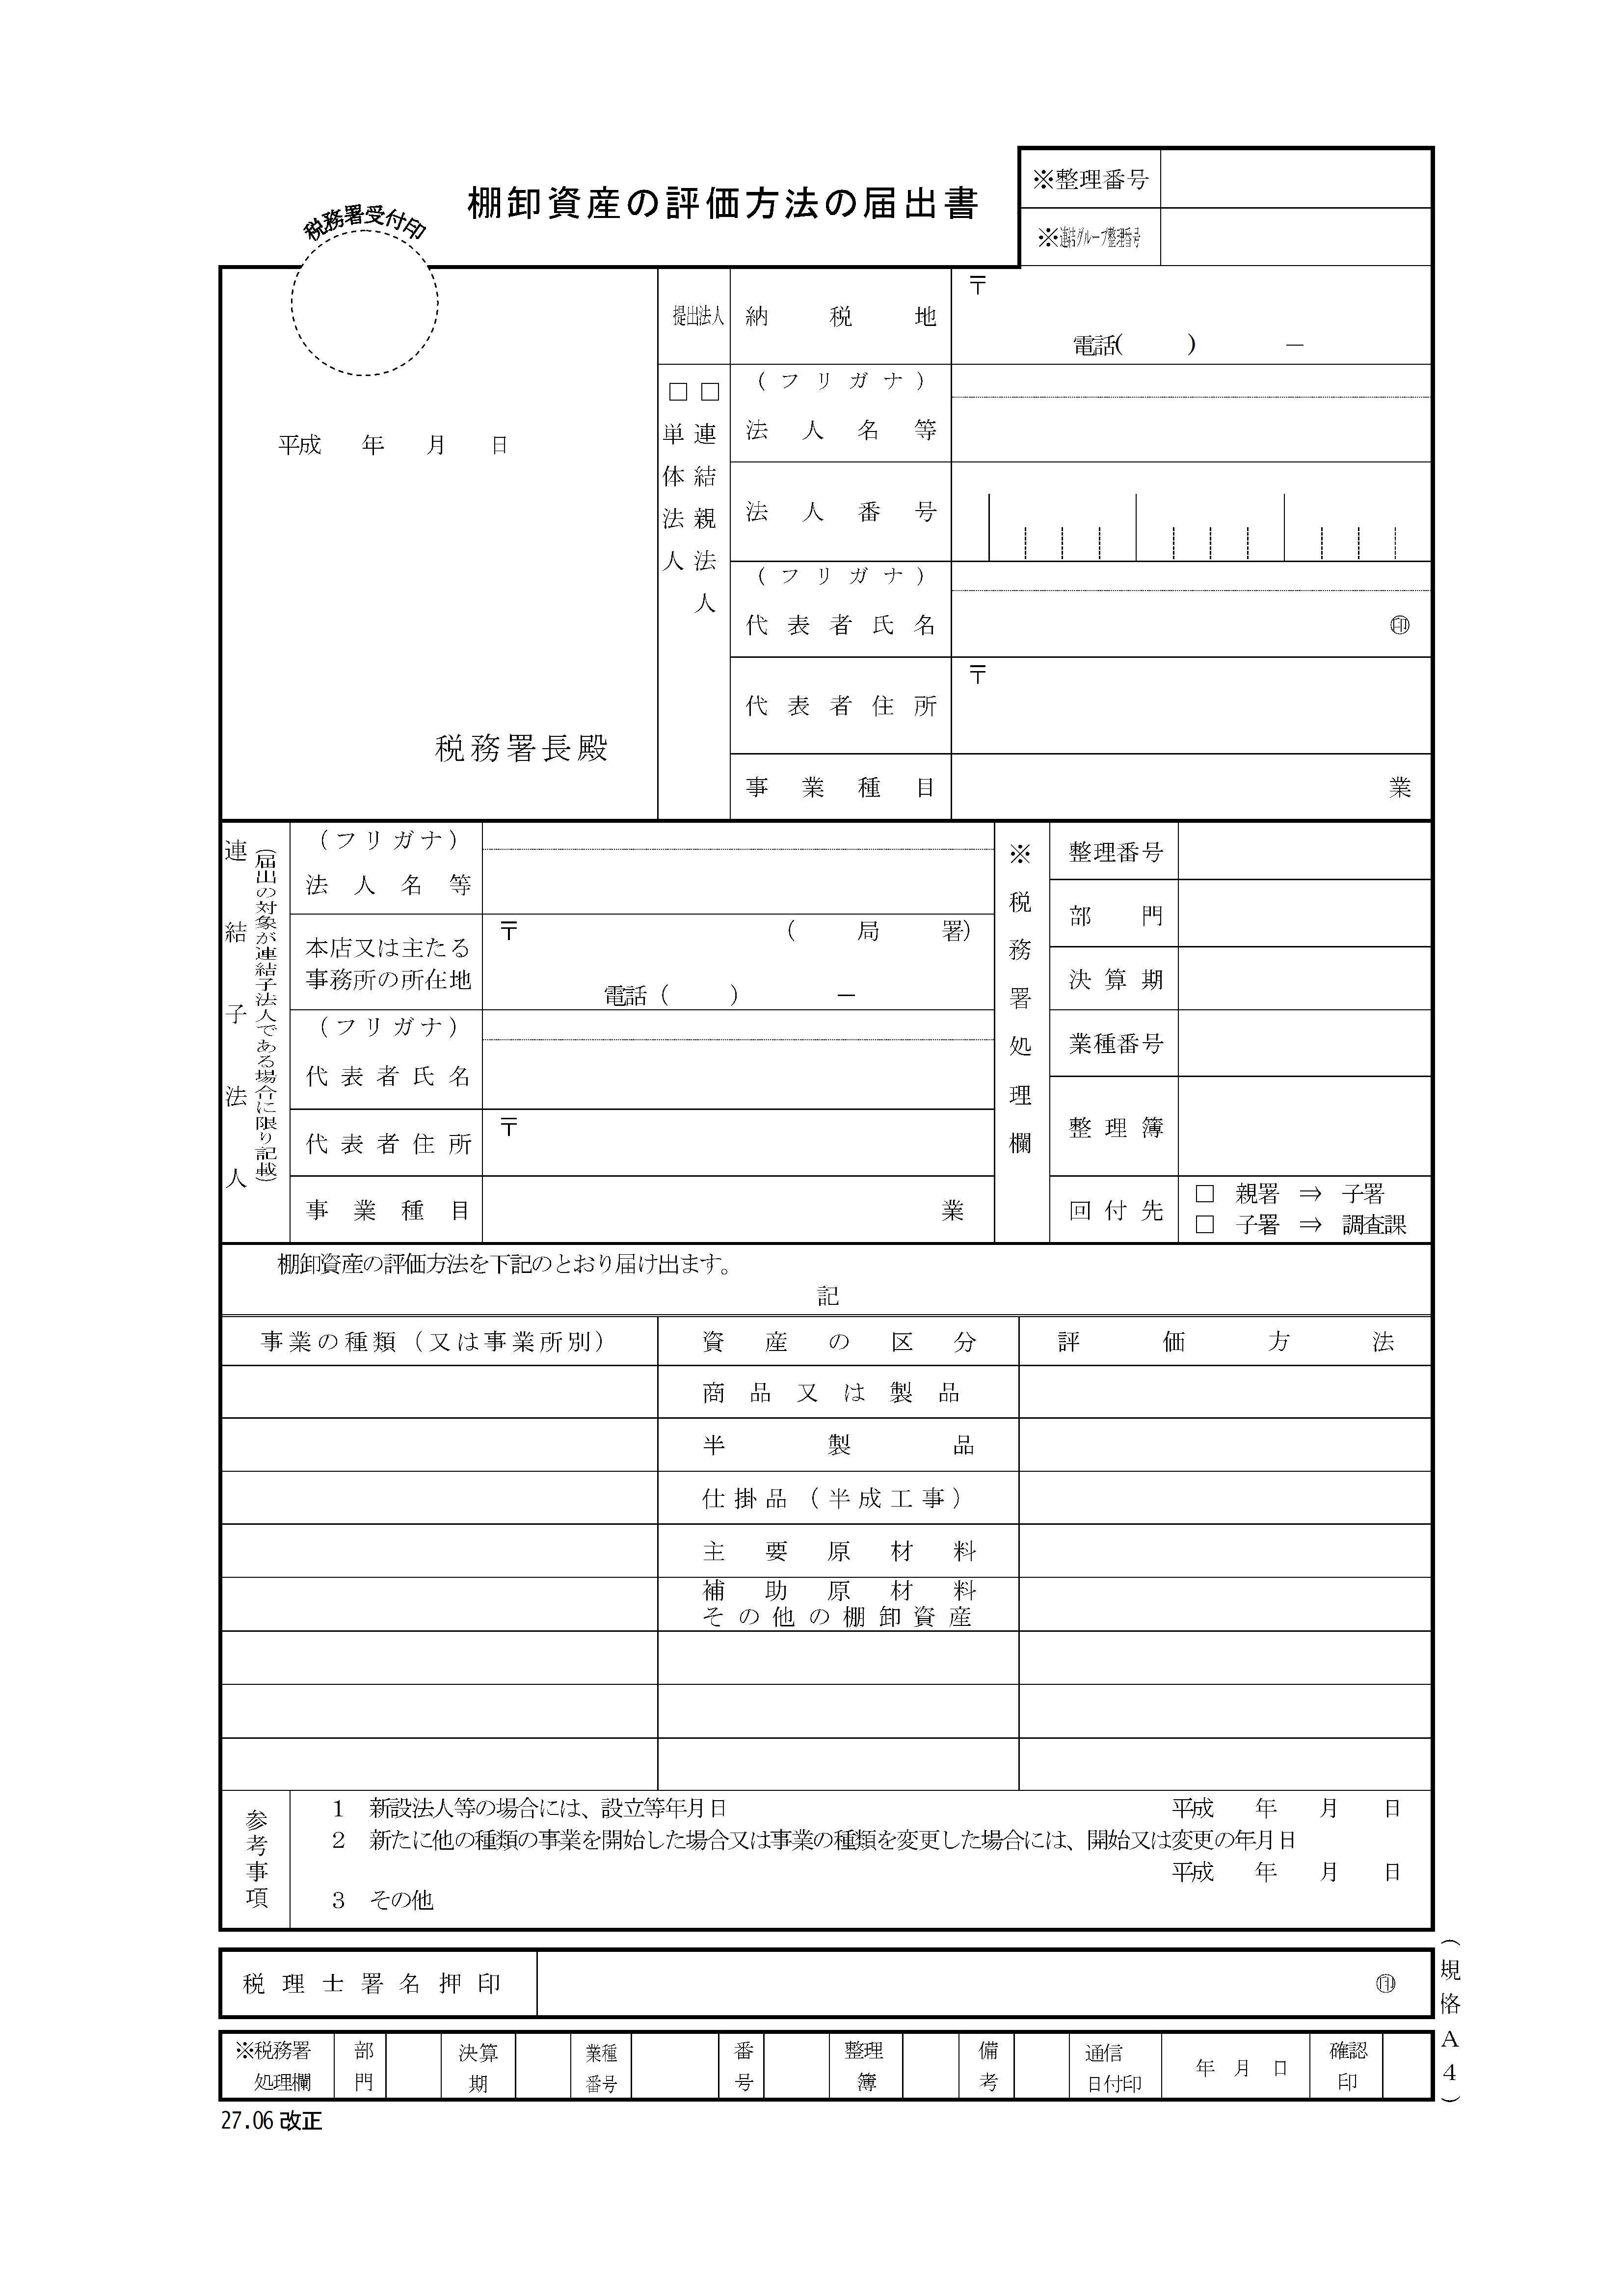 棚卸資産の評価方法の届出書.jpg